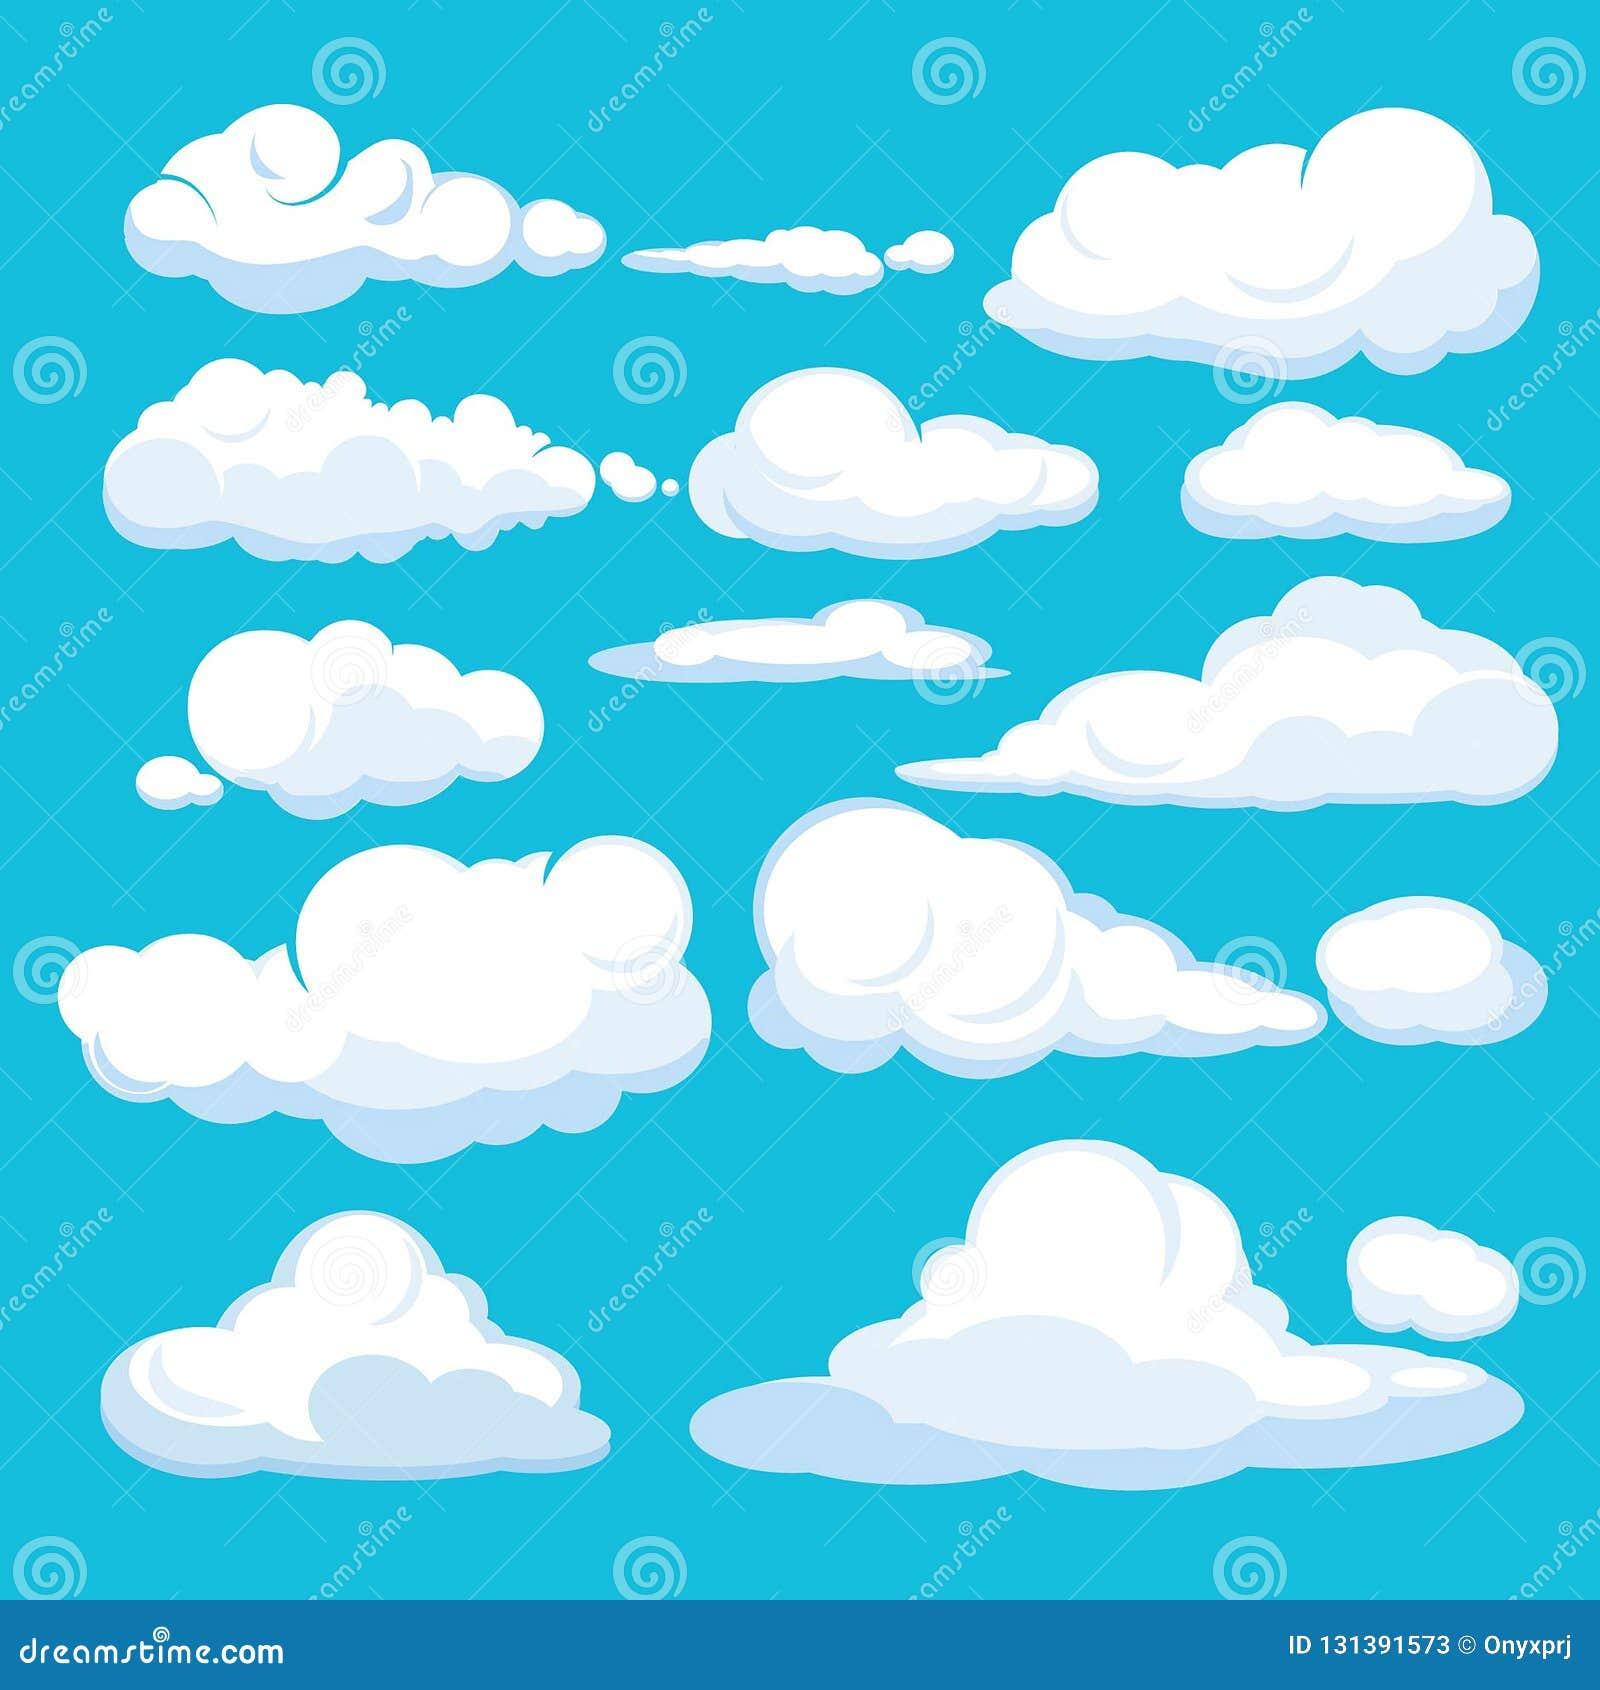 Nuages De Dessin Anime Formes Et Les Formes De Nuages Bleus Aeriens De Cloudscape De Ciel Bleu Les Differentes Dirigent Des Illus Illustration De Vecteur Illustration Du Ciel Bleus 131391573